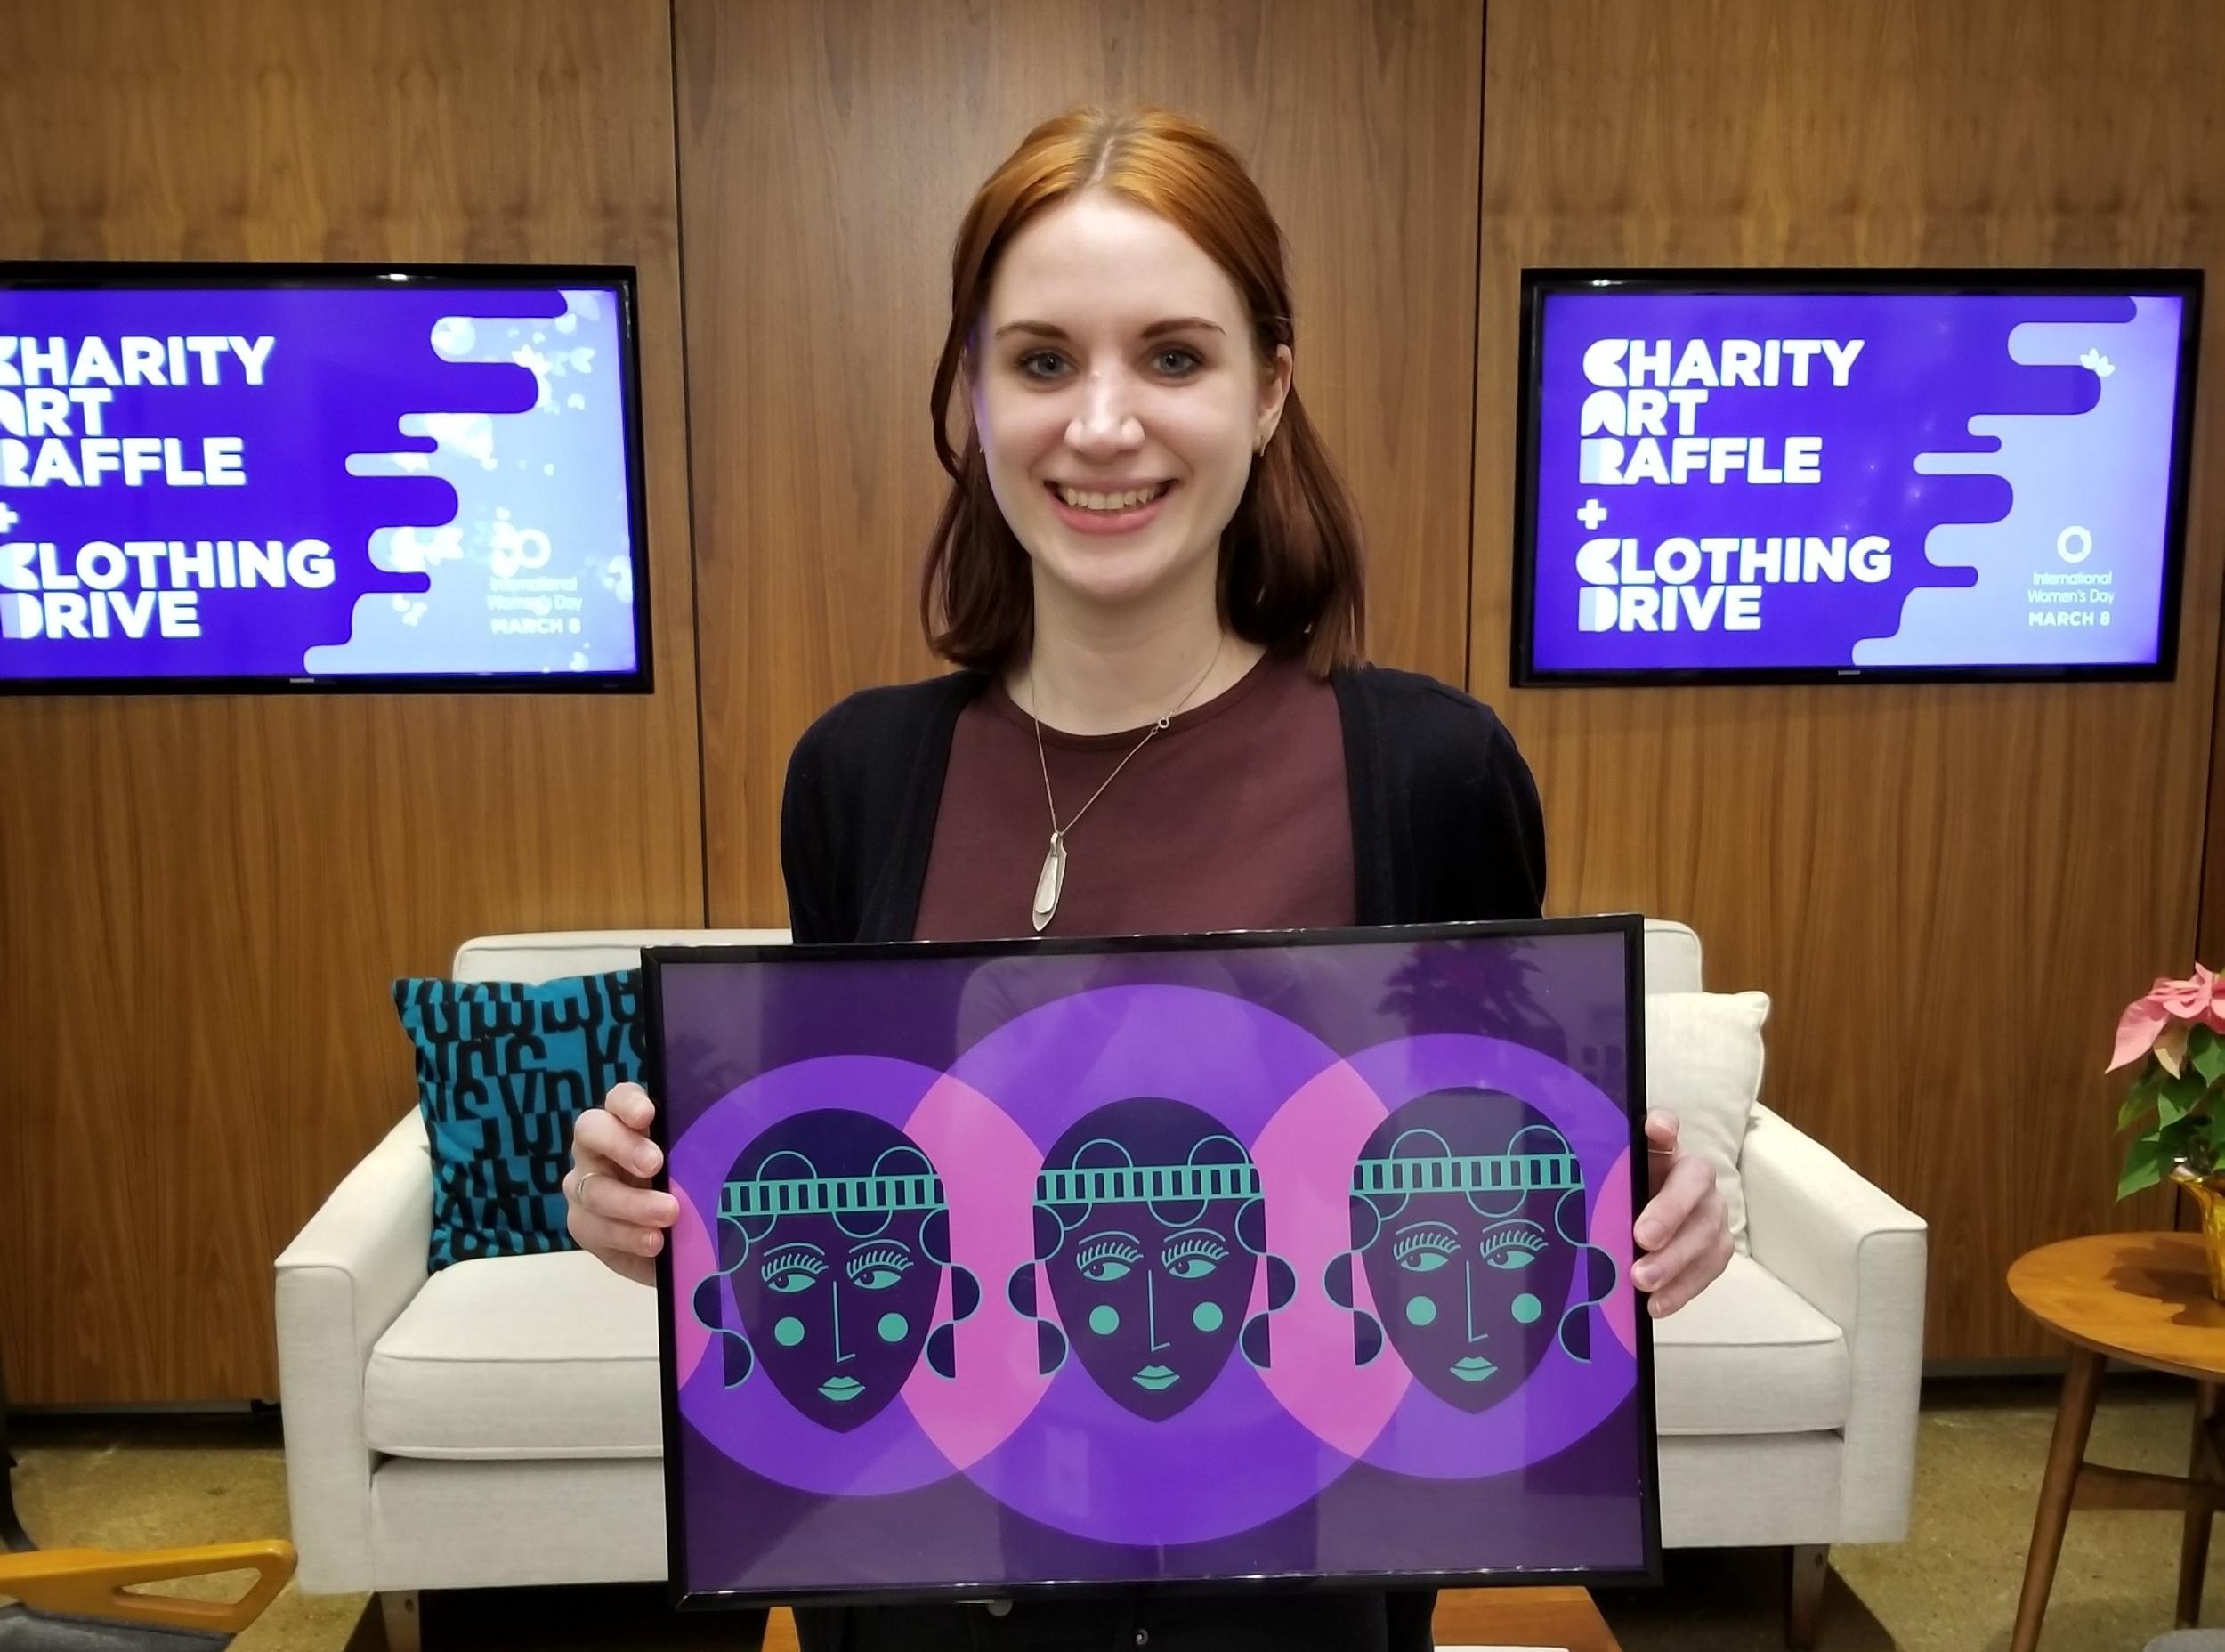 Charity Art Raffle in celebration of Women's Day.